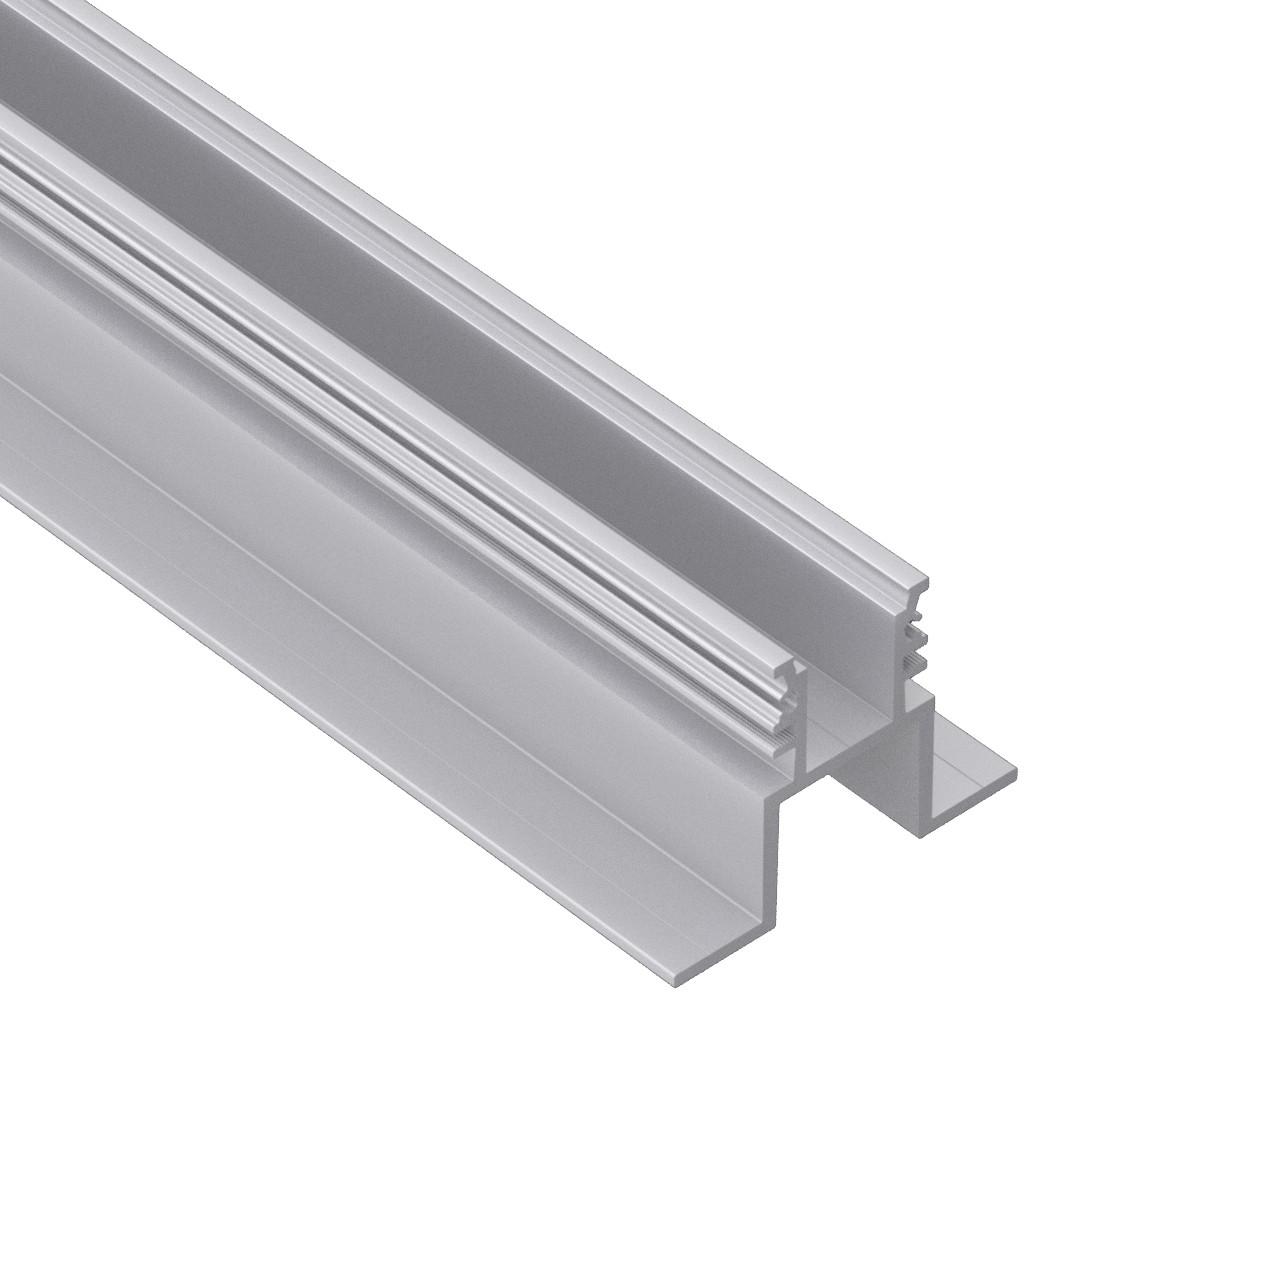 AF3 recesso Inground   aço perfil de alumínio vidro   para a movimentação ao longo 79x65mm